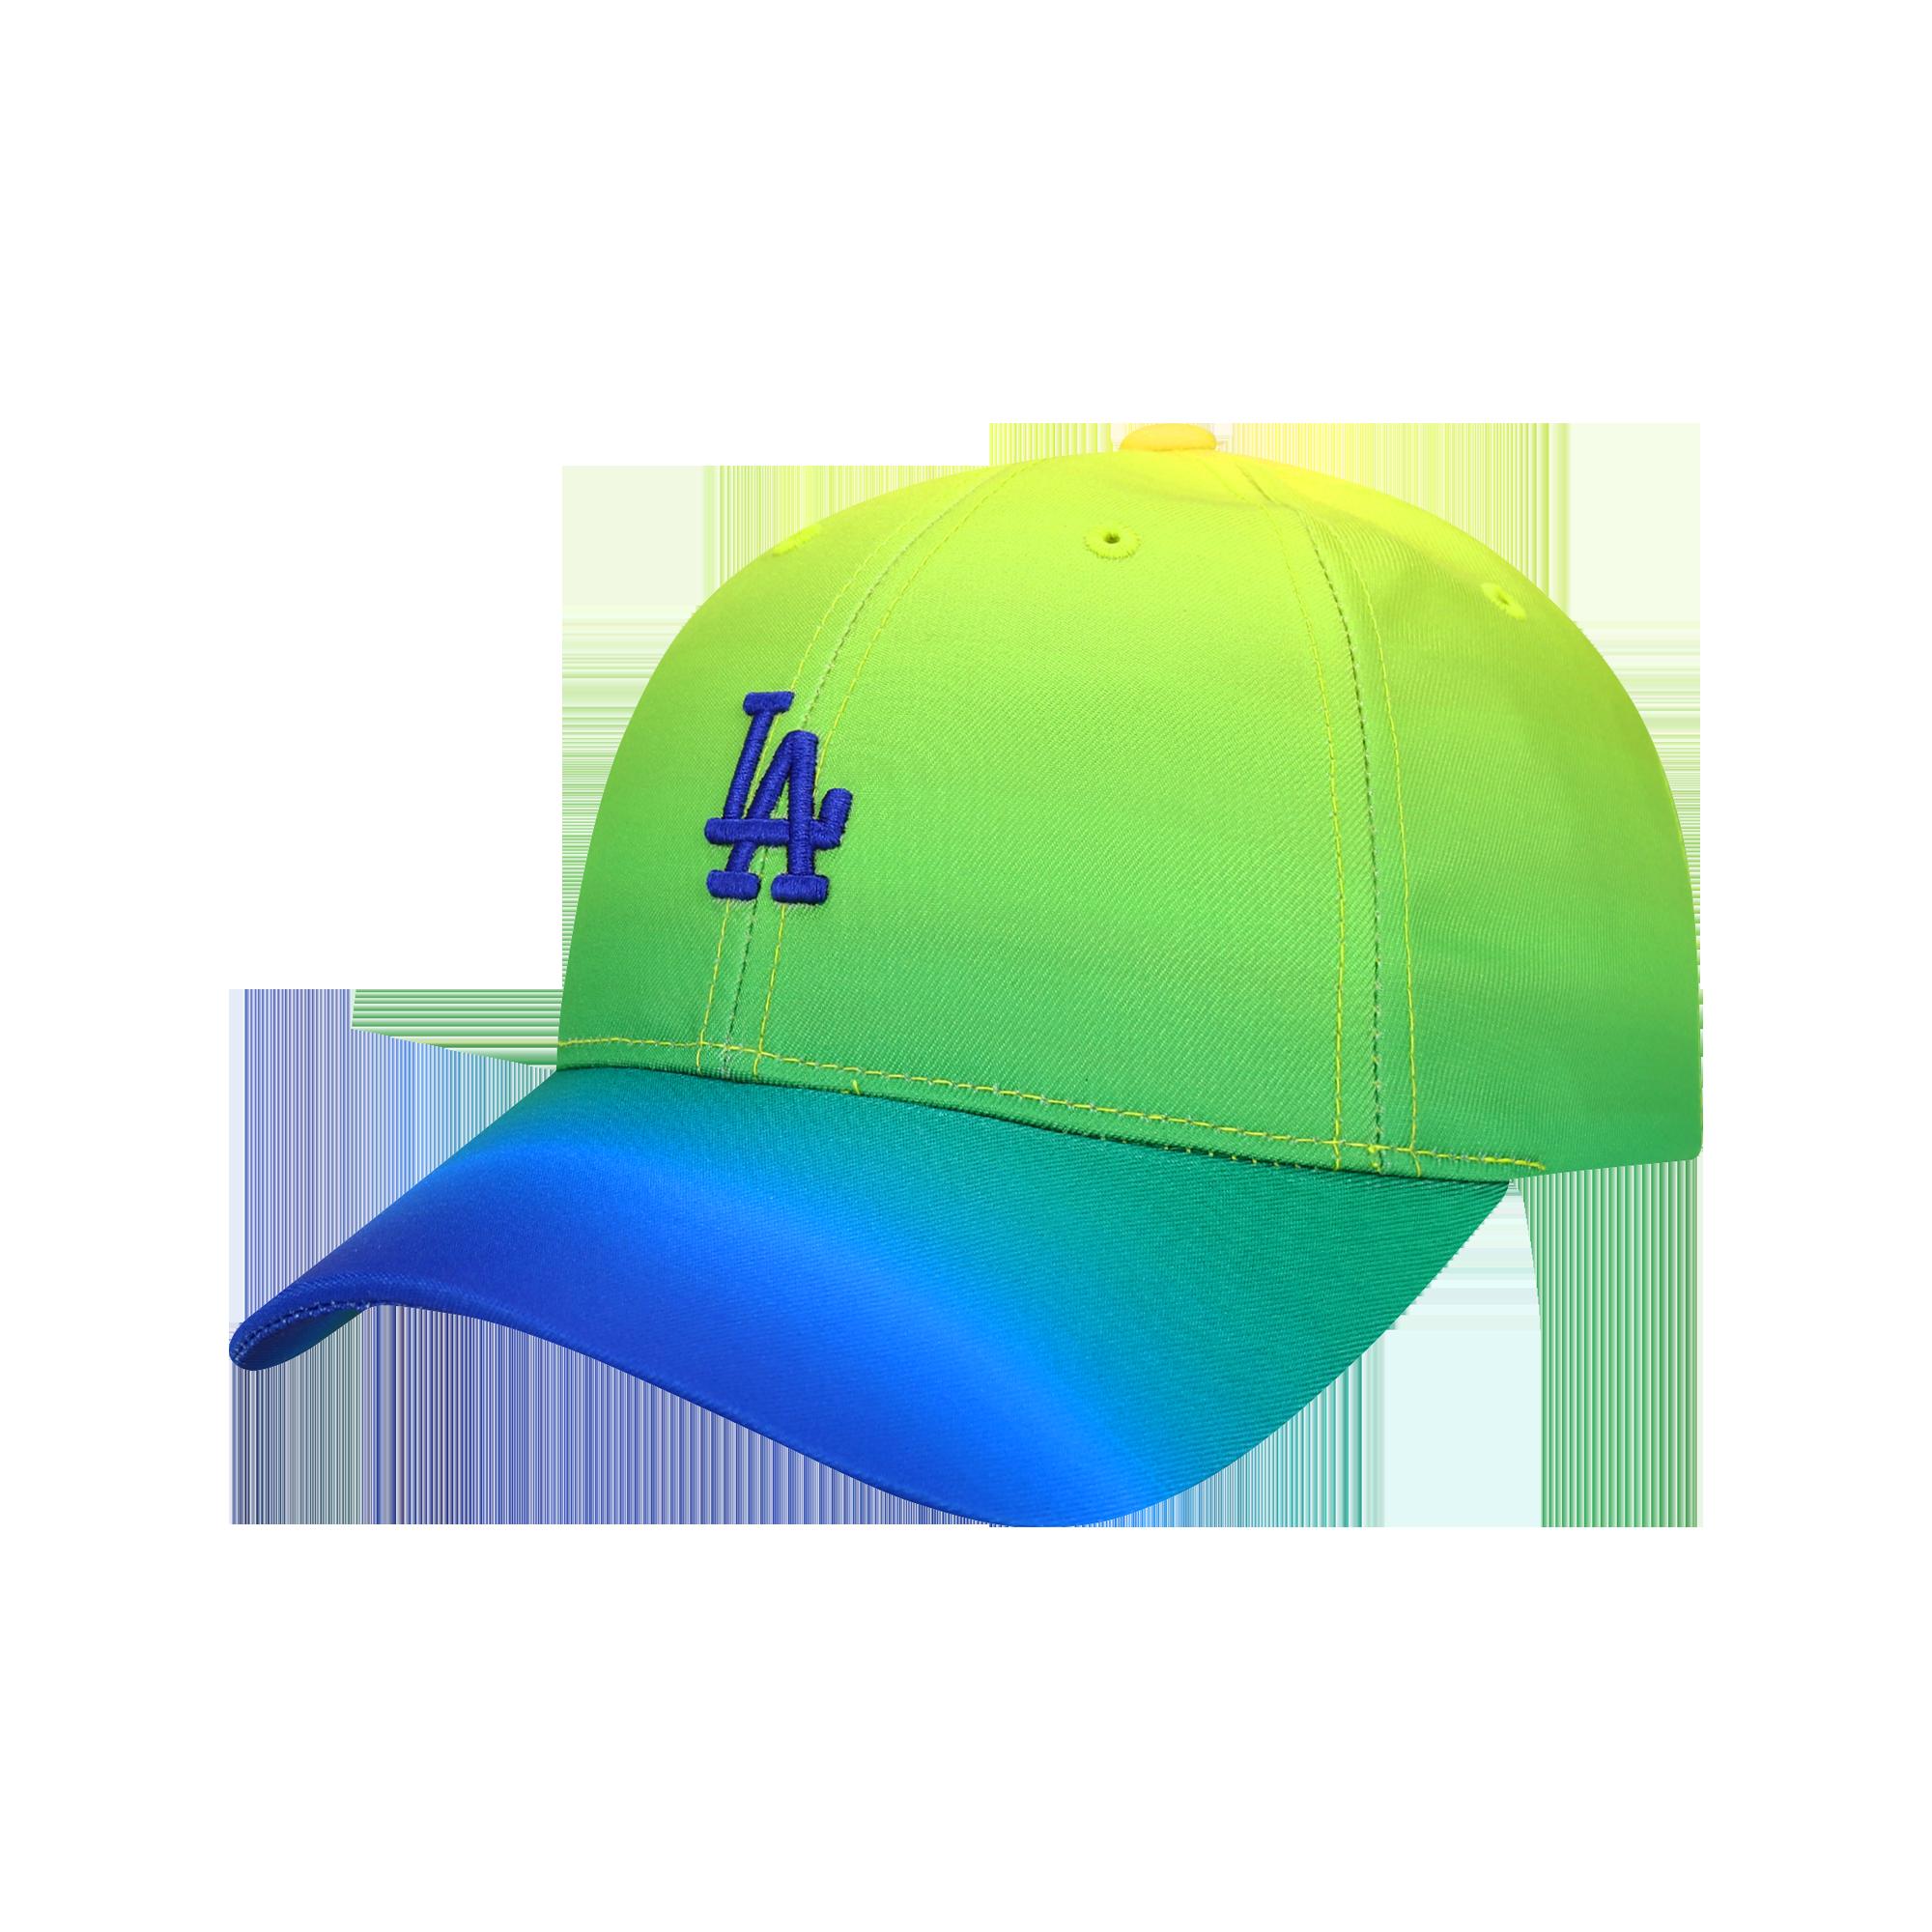 LA DODGERS GRADATION BALL CAP